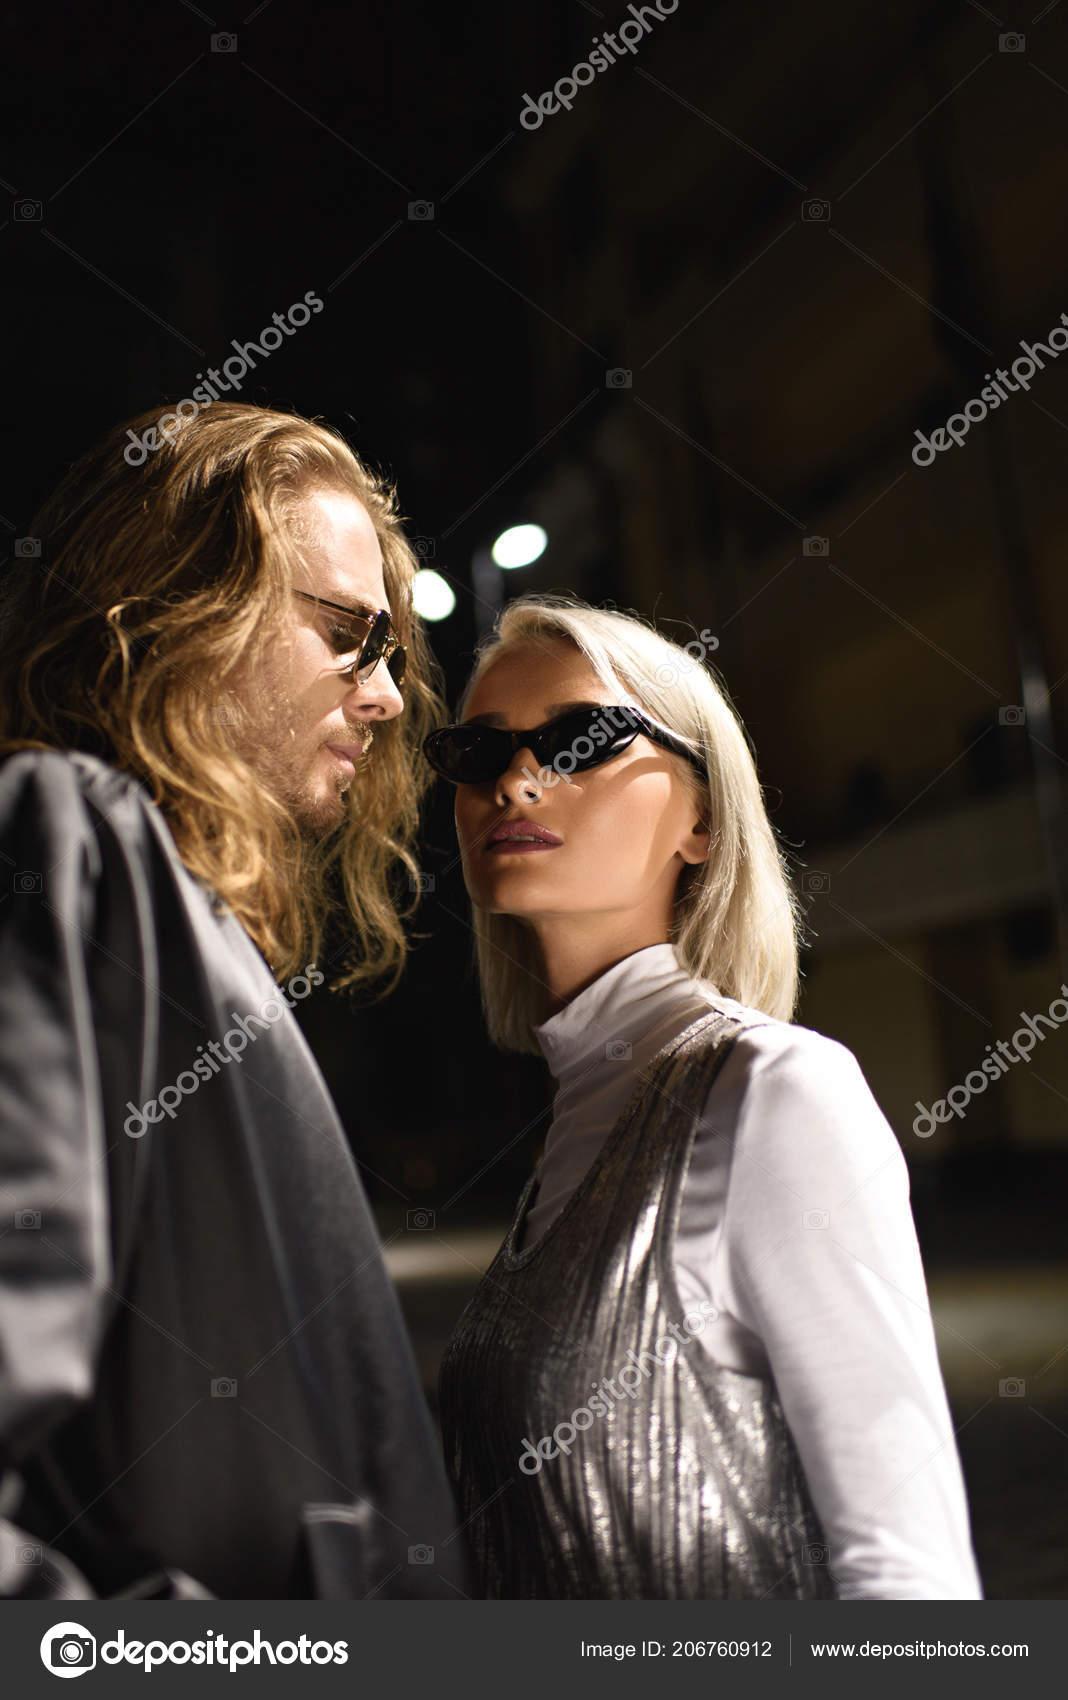 904004a642 Pareja Joven Moda Gafas Sol Coqueteando Calle Por Noche — Foto de Stock